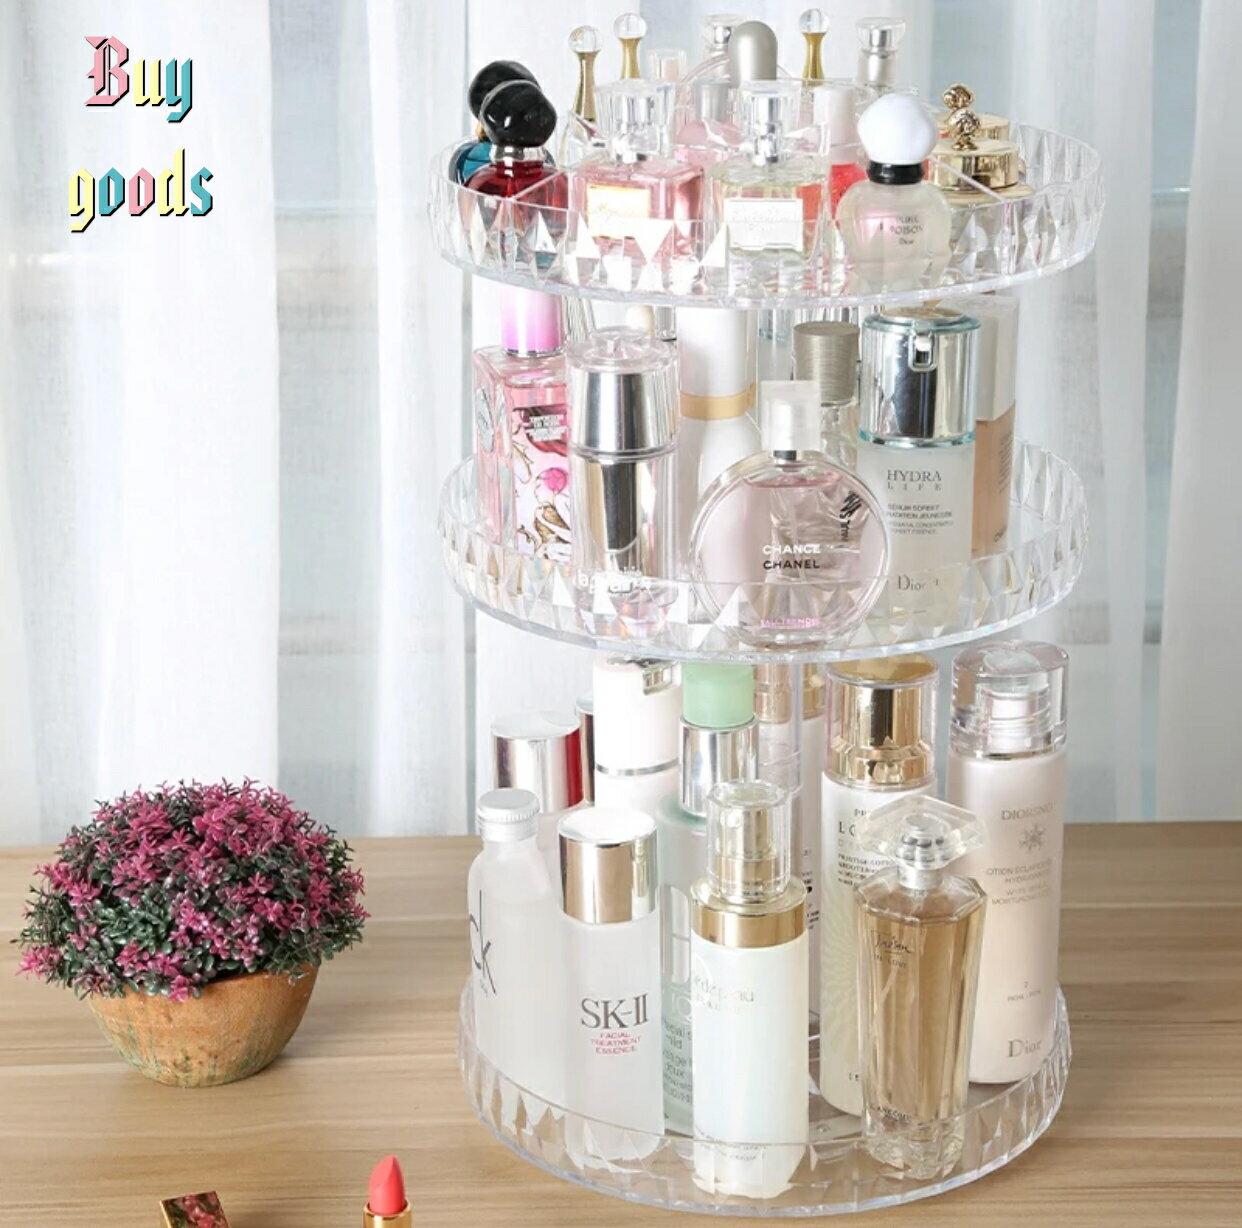 熱賣中 華麗鑽石紋路化妝品收納盒/透明壓克力收納盒/化妝品收納盒/可旋轉收納盒/化妝品置物架